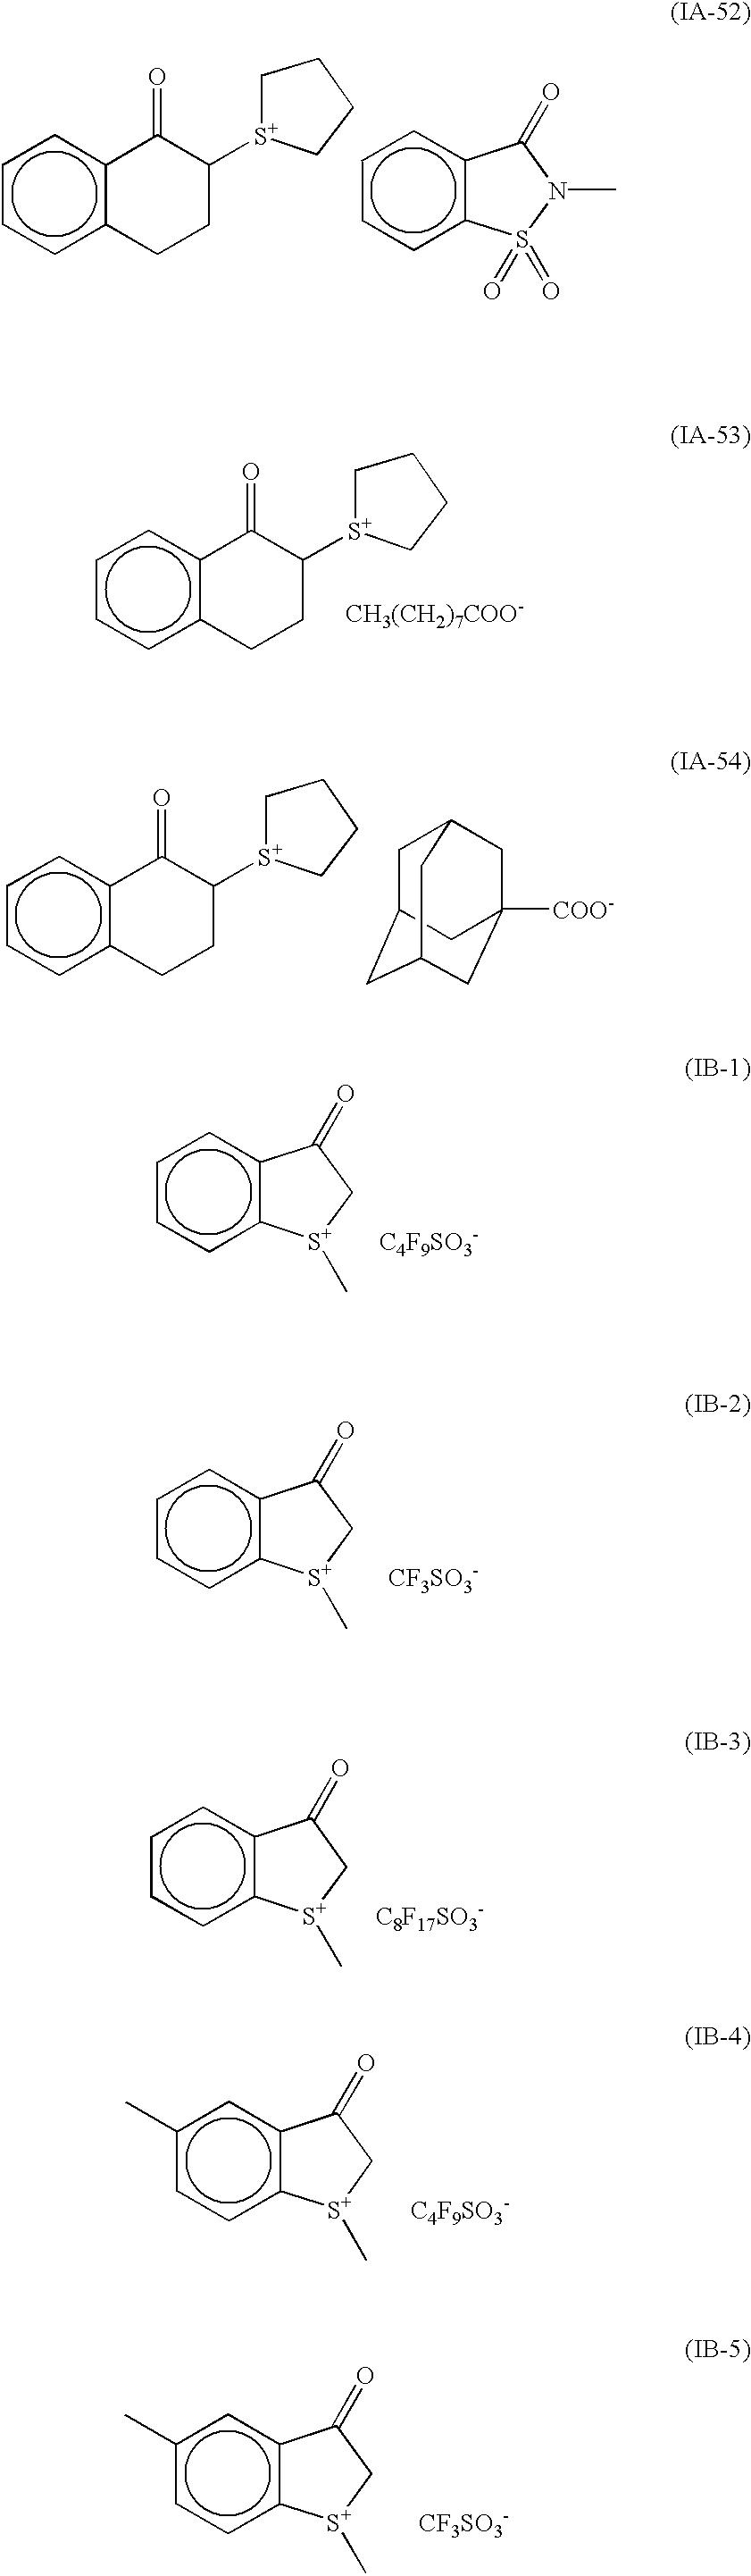 Figure US20030186161A1-20031002-C00027